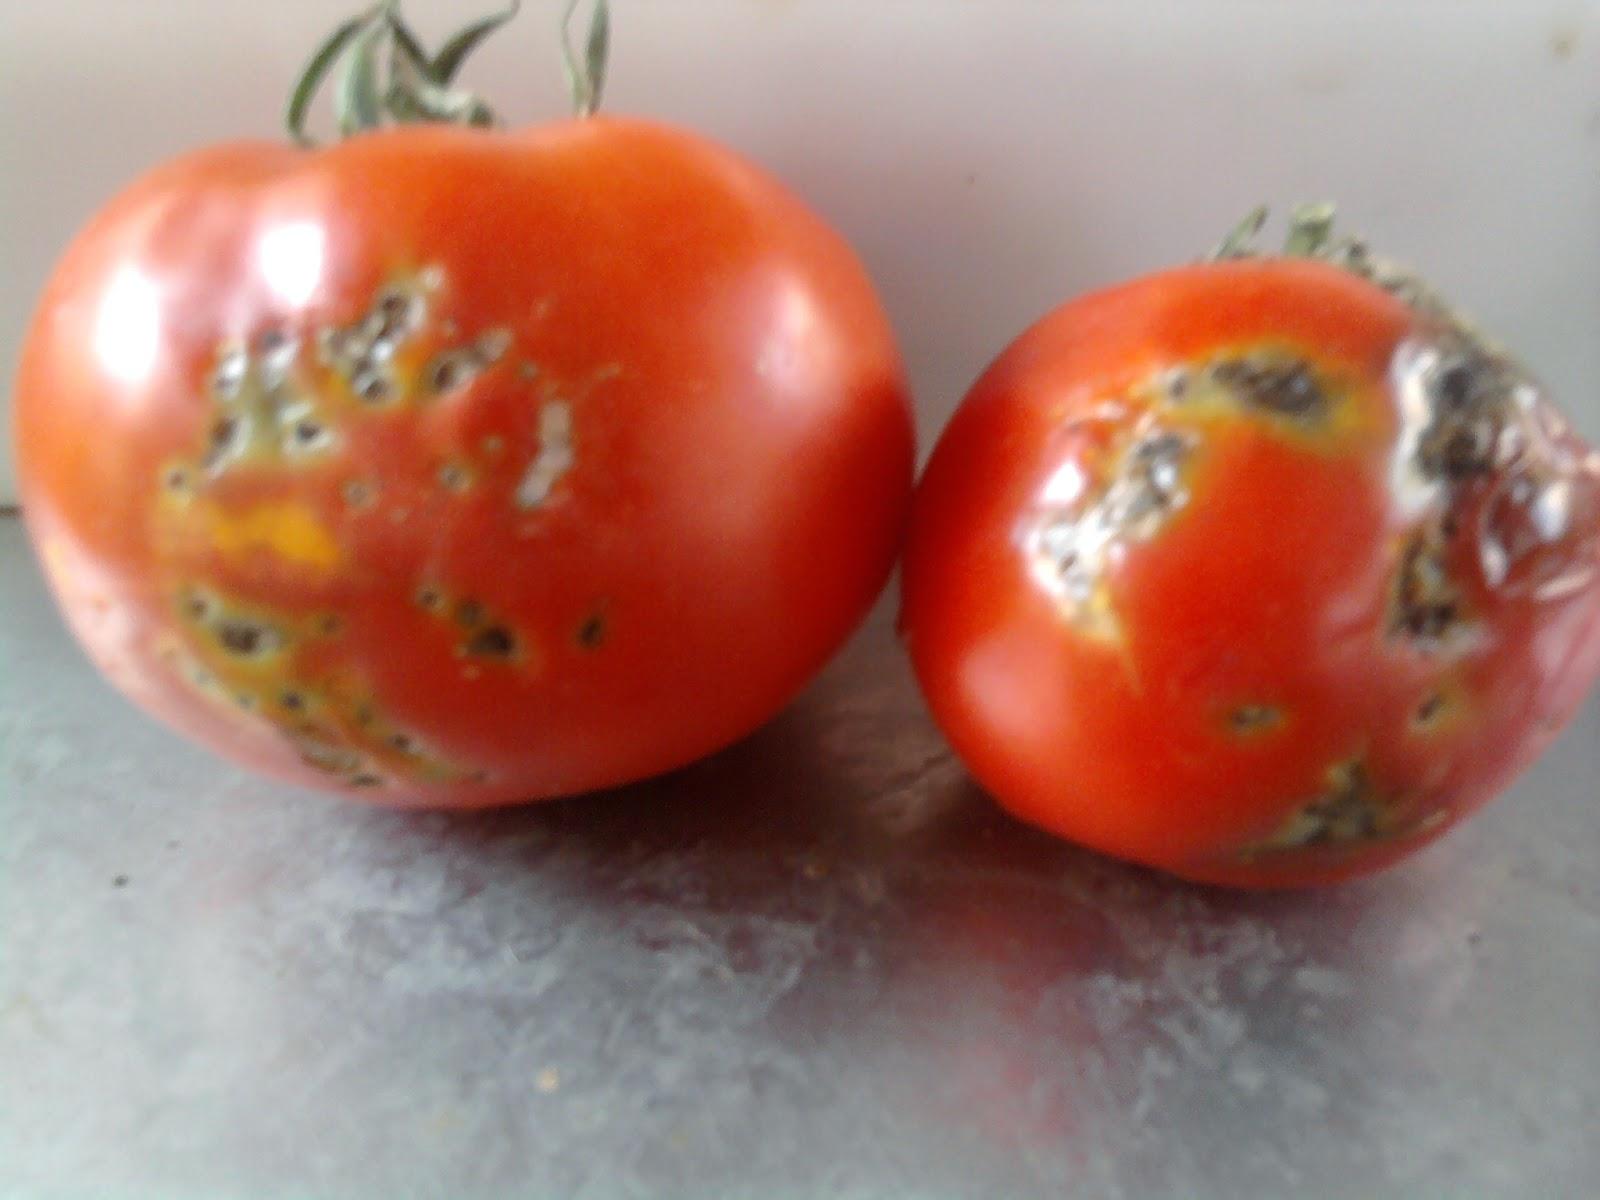 Δεν πρέπει να βάζετε τις ντομάτες στο ψυγείο! Δείτε γιατί!